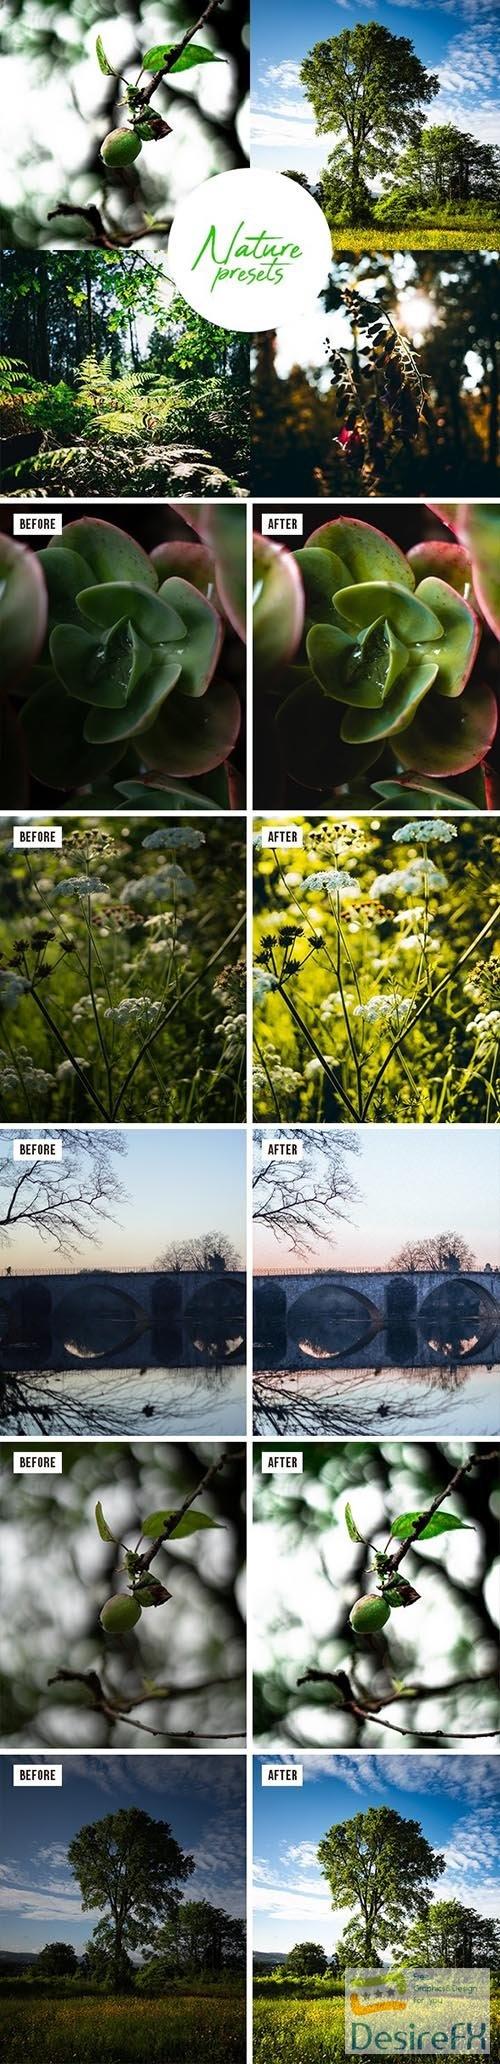 GraphicRiver - Professional Nature Lightroom Preset (Mobile & Desktop) 30177890